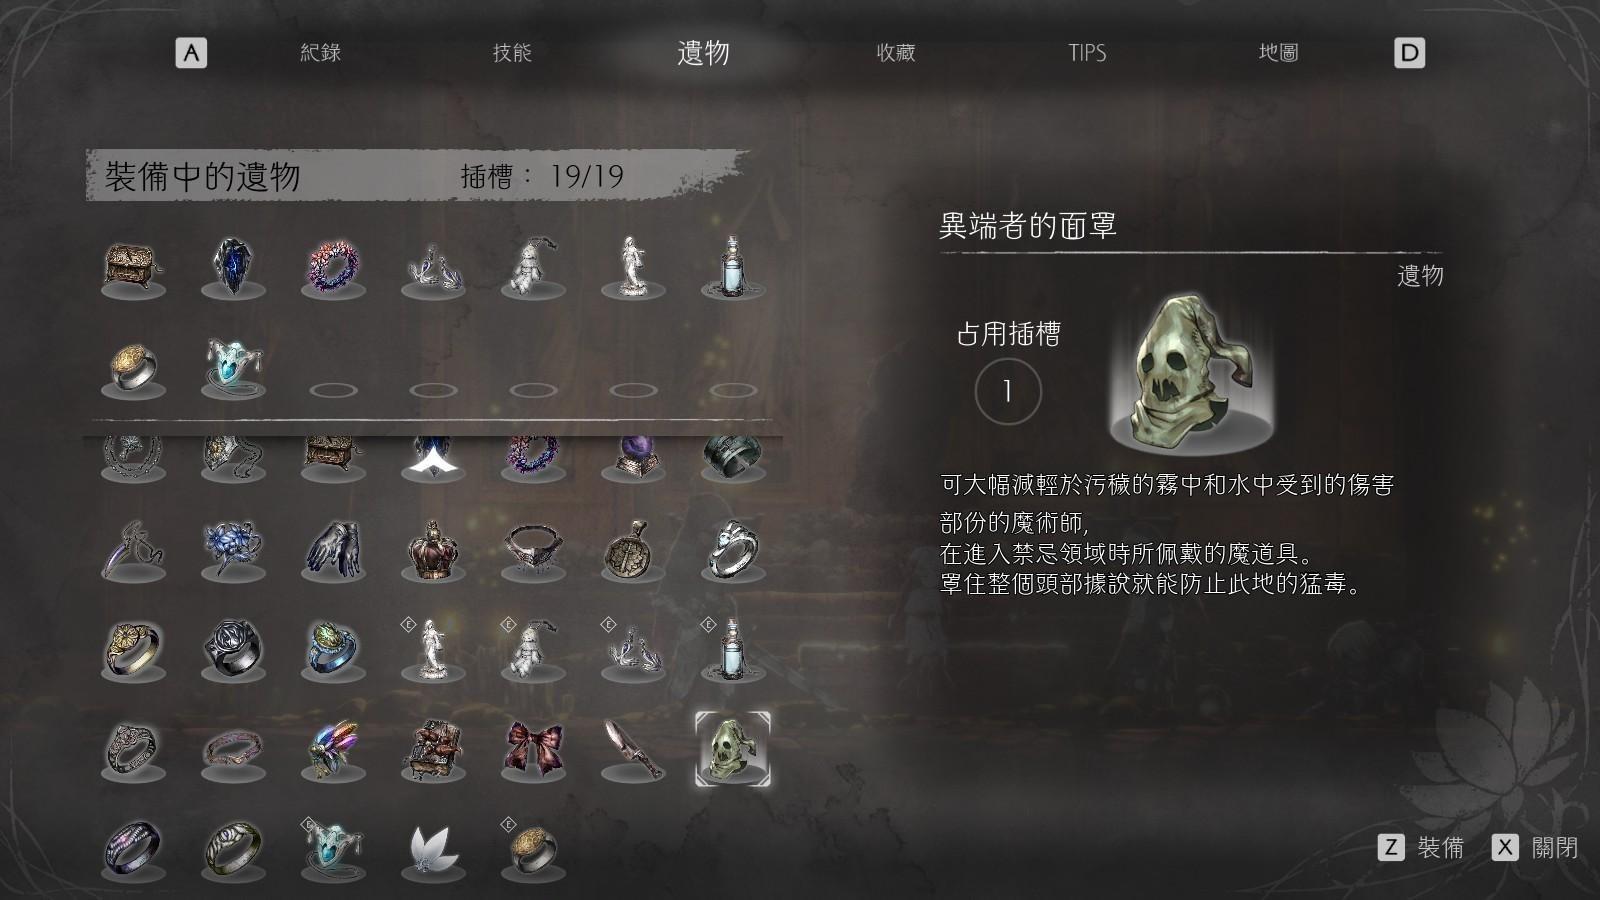 游戏《终结者莉莉:骑士救赎》体验过后关于小地图的一些迭代看法 (6)